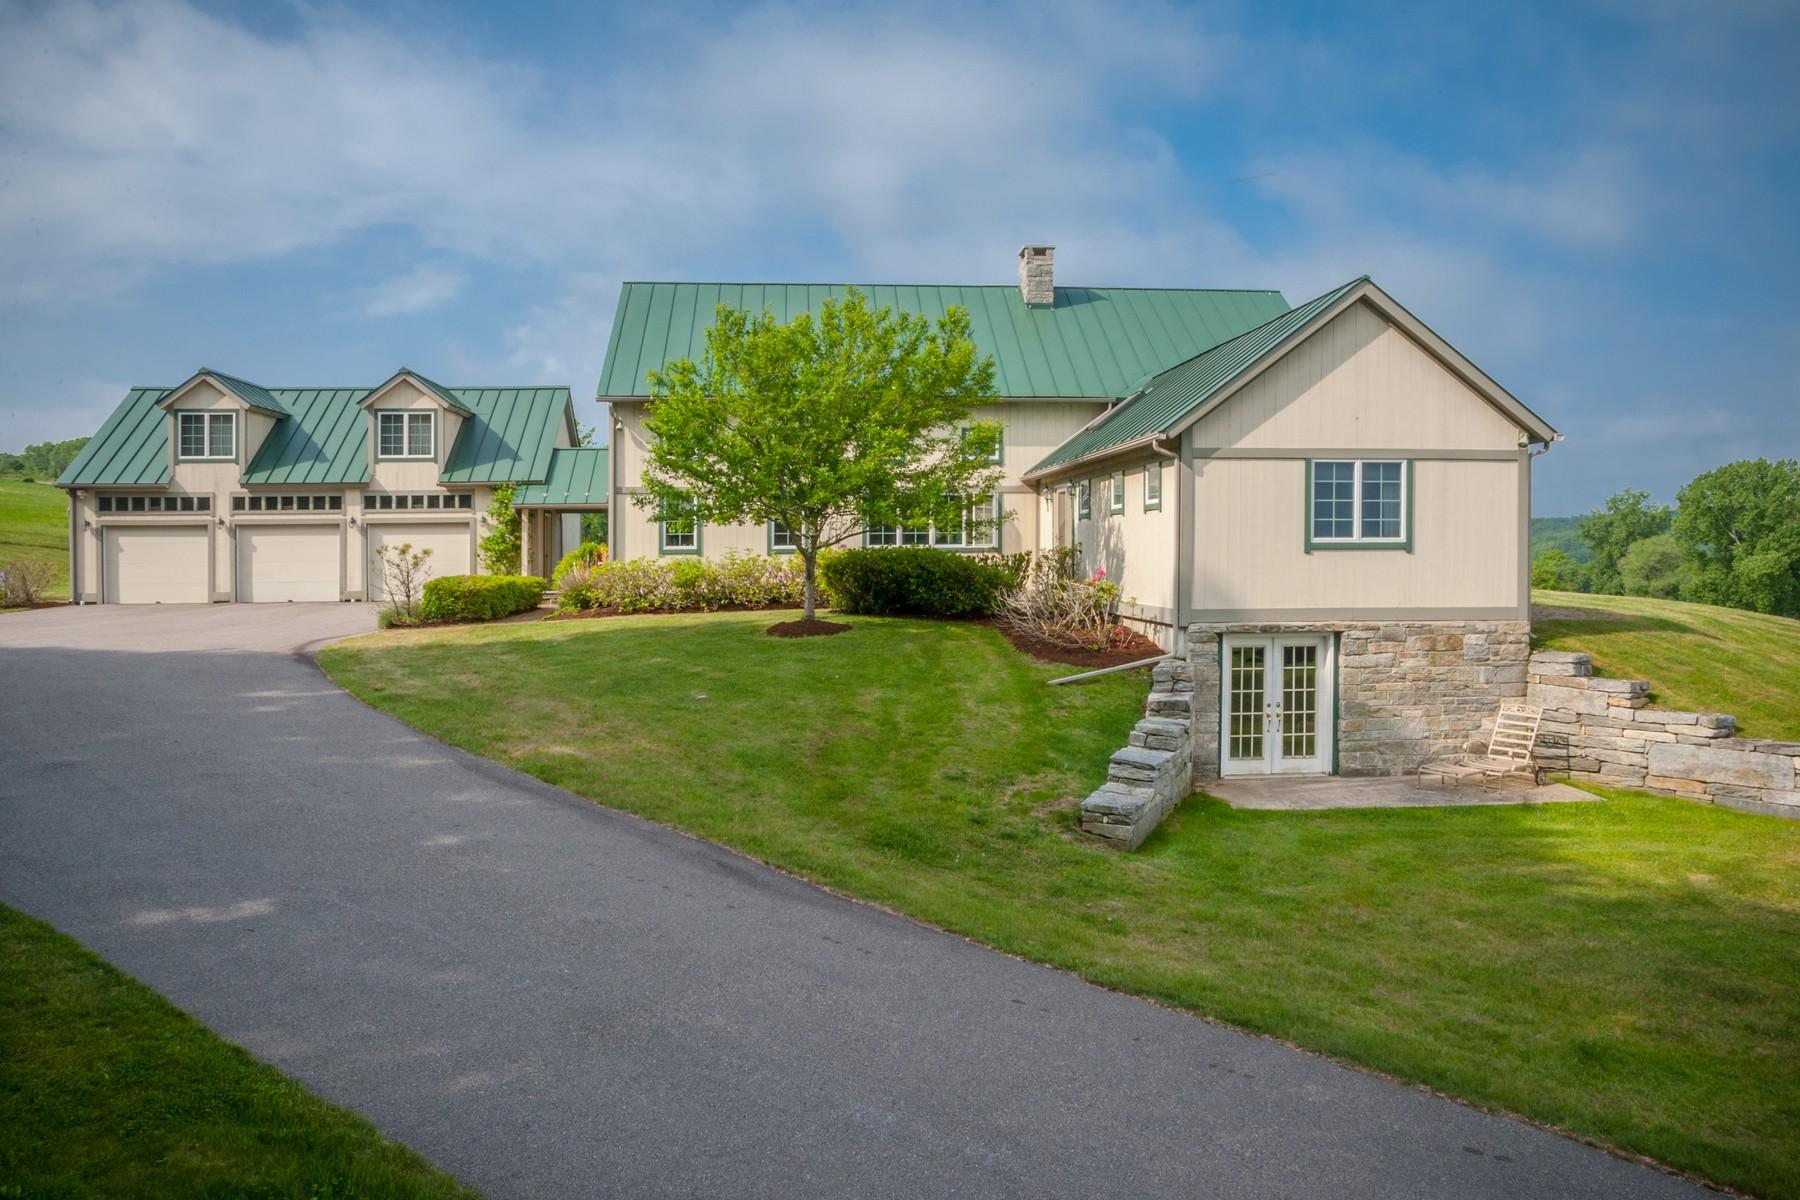 农场 / 牧场 / 种植园 为 销售 在 Hearth Stone Farm 32 Audette Road 富兰克林, 康涅狄格州, 06254 美国